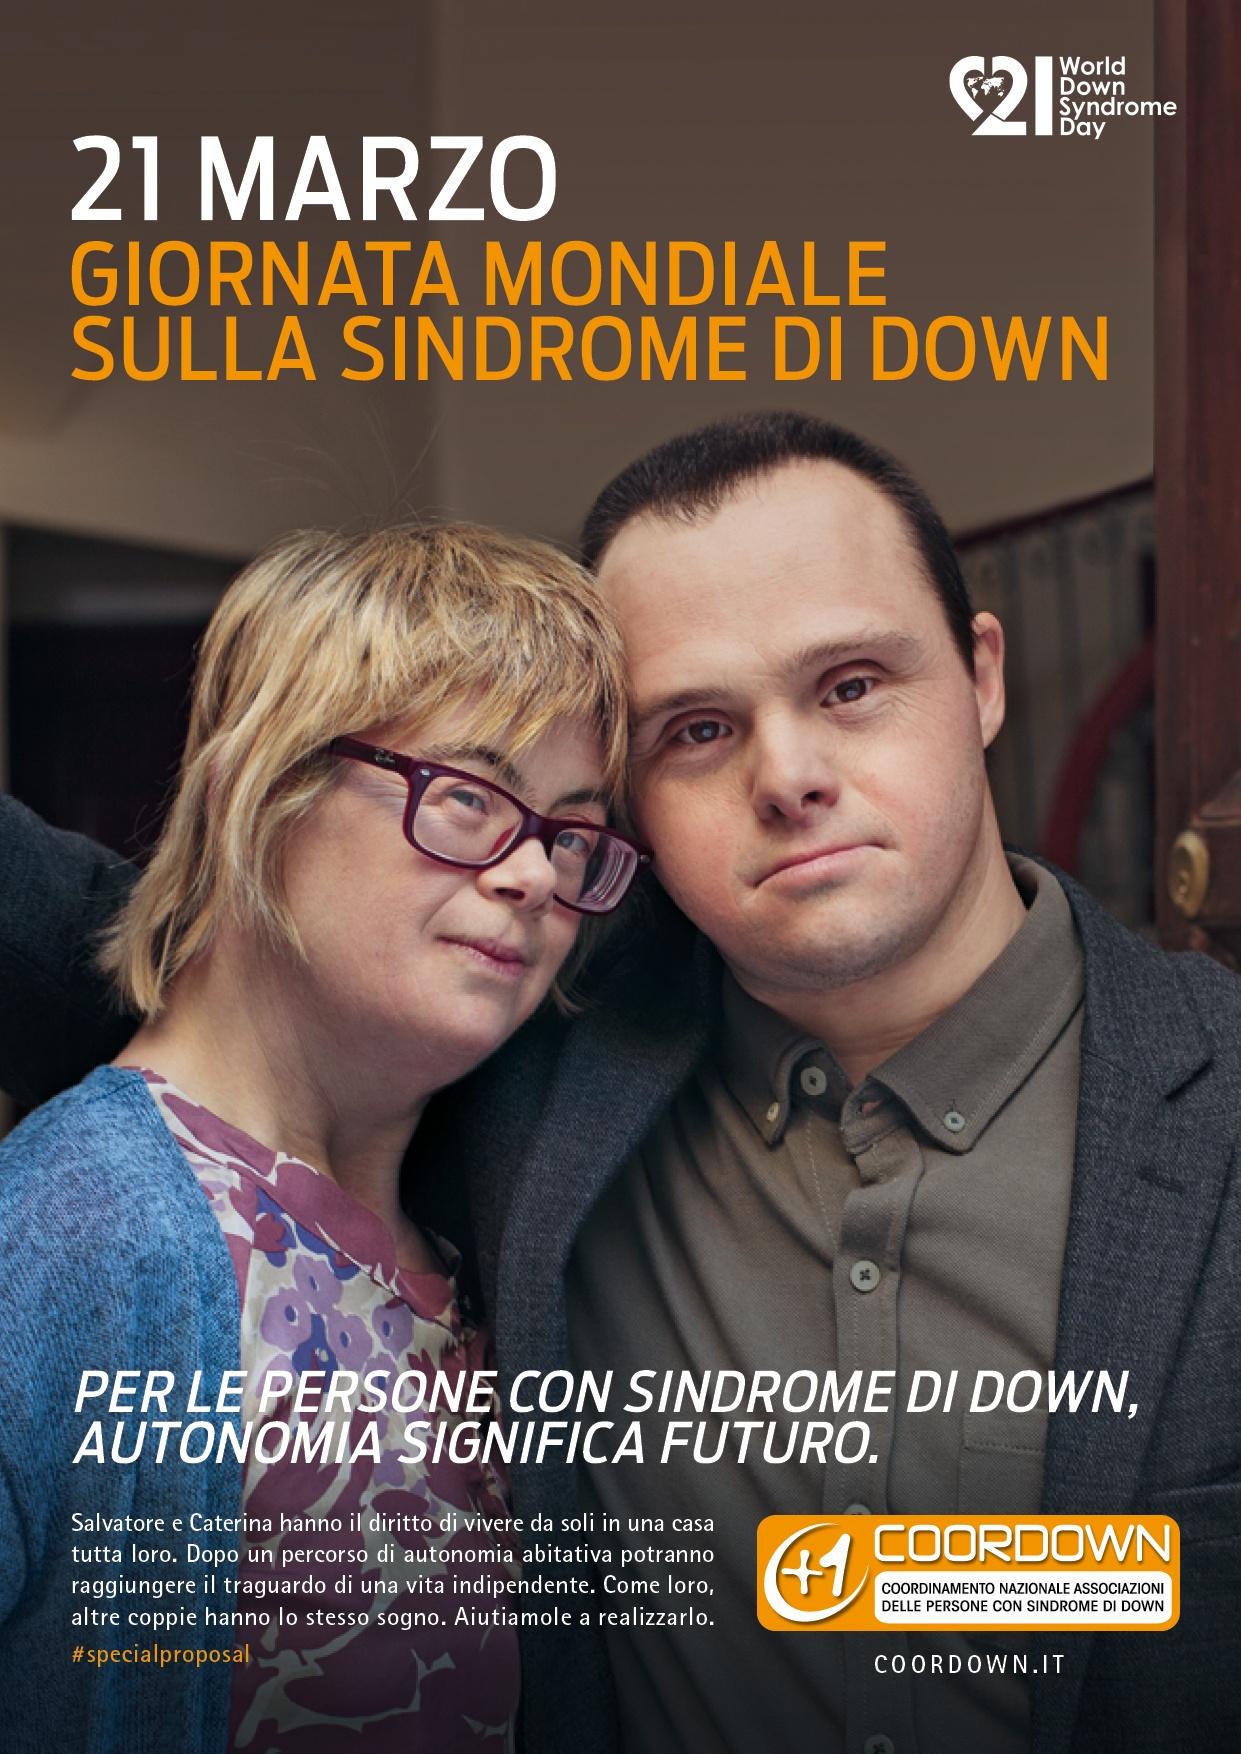 Giornata Mondiale delle Persone con sindrome di Down